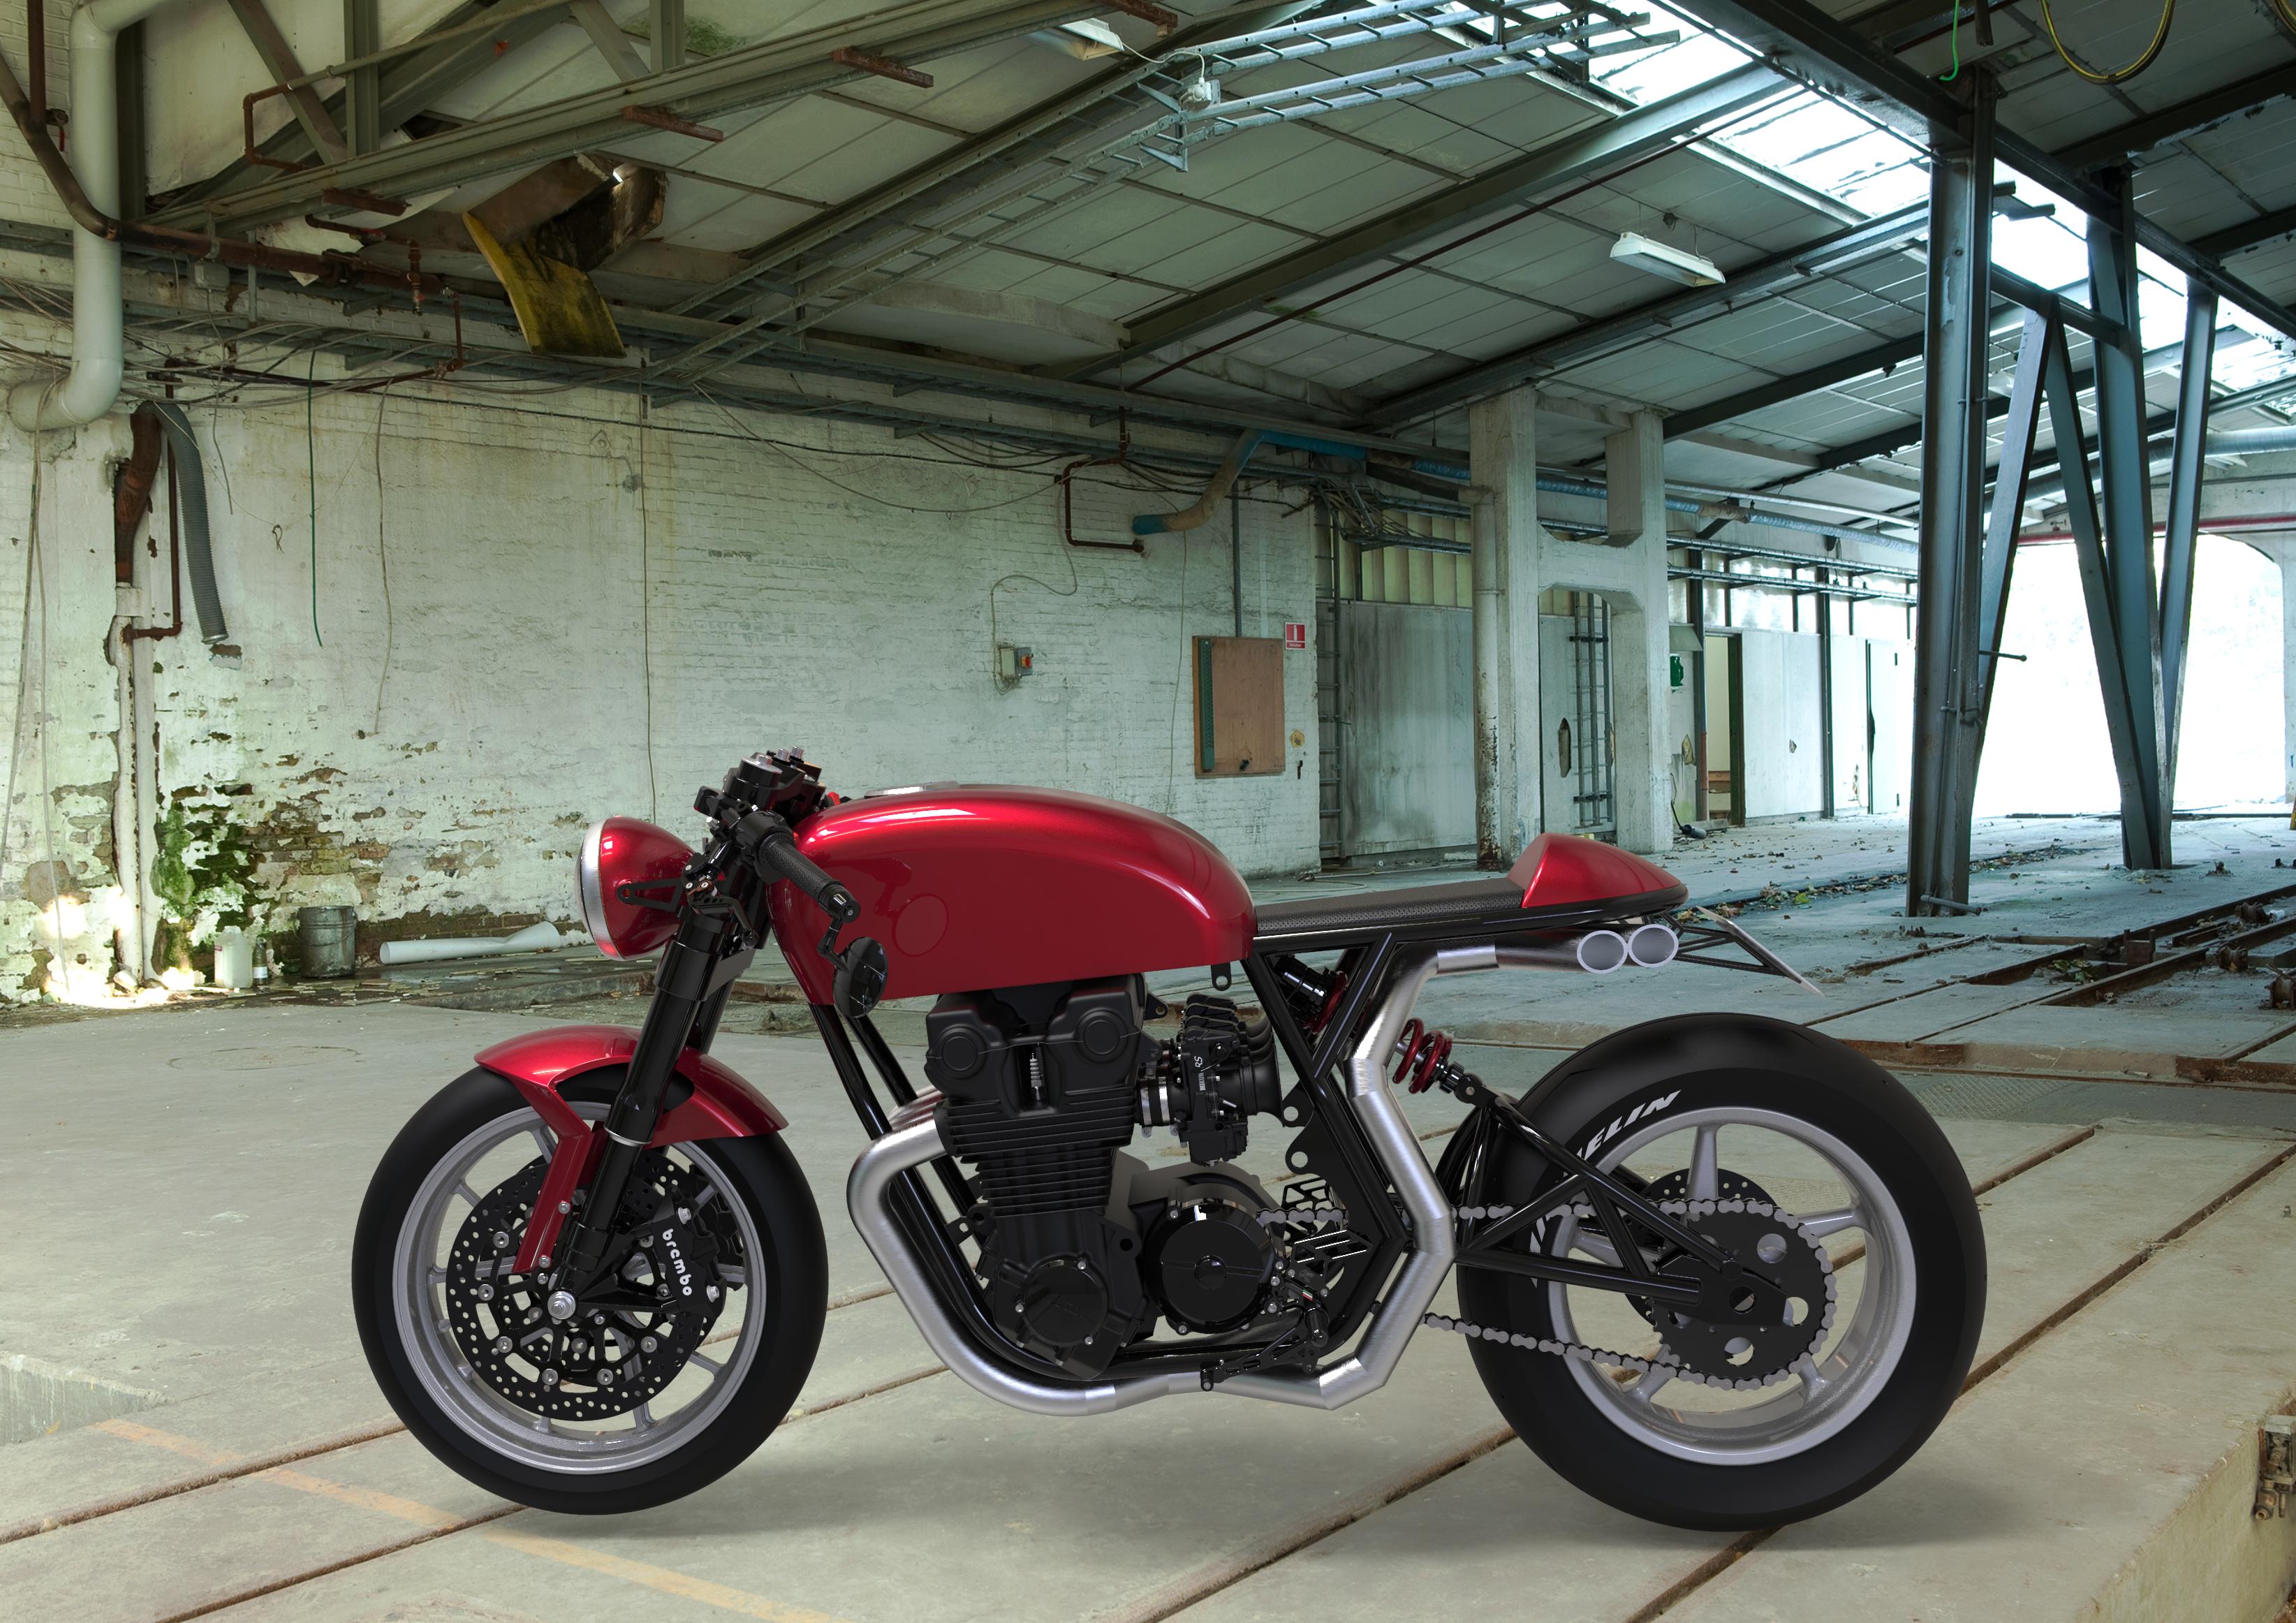 Honda CB750 Cafe Racer, Side View